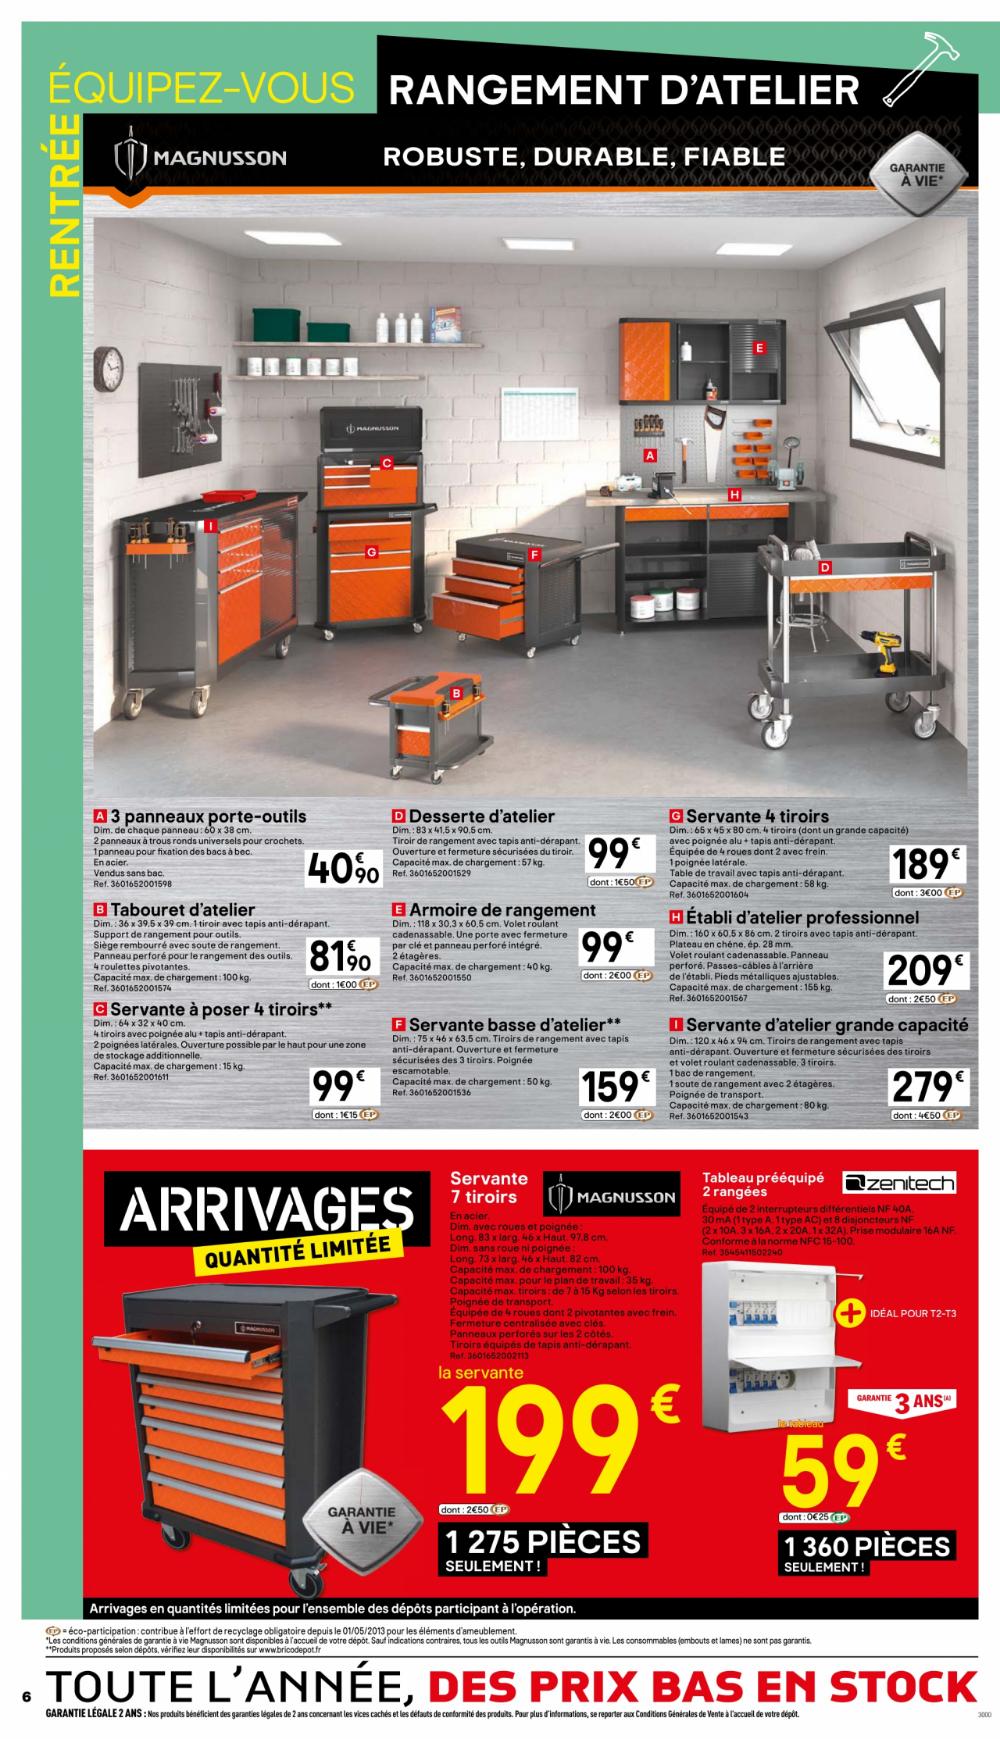 Carport Brico Depot Valable 23 08 2019 05 09 2019 Panneau Porte Outils Armoire Rangement Rangement Atelier